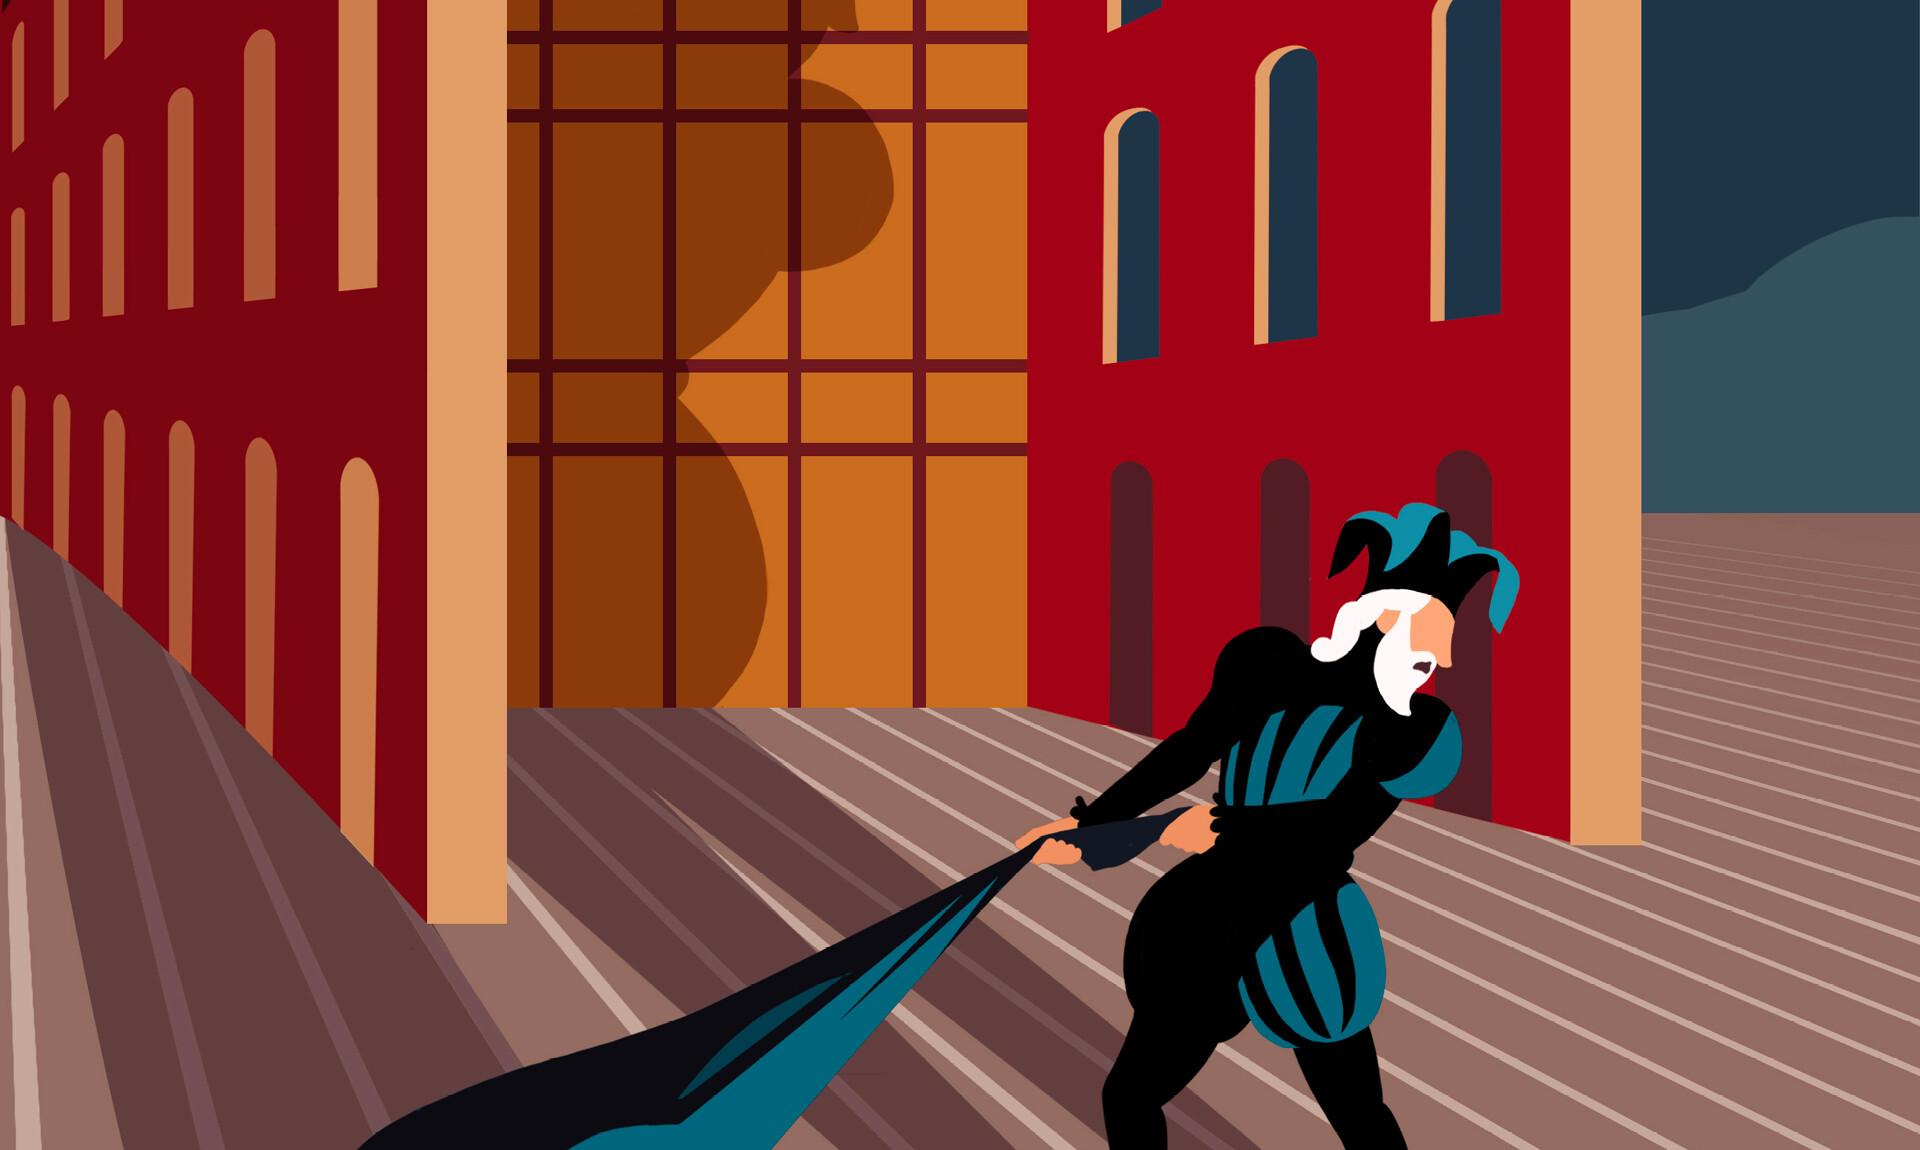 RIGOLETTO AL BARSÒ  Il nuovo spettacolo col quale il Teatro Regio di Parma  torna finalmente a incontrare il pubblico.